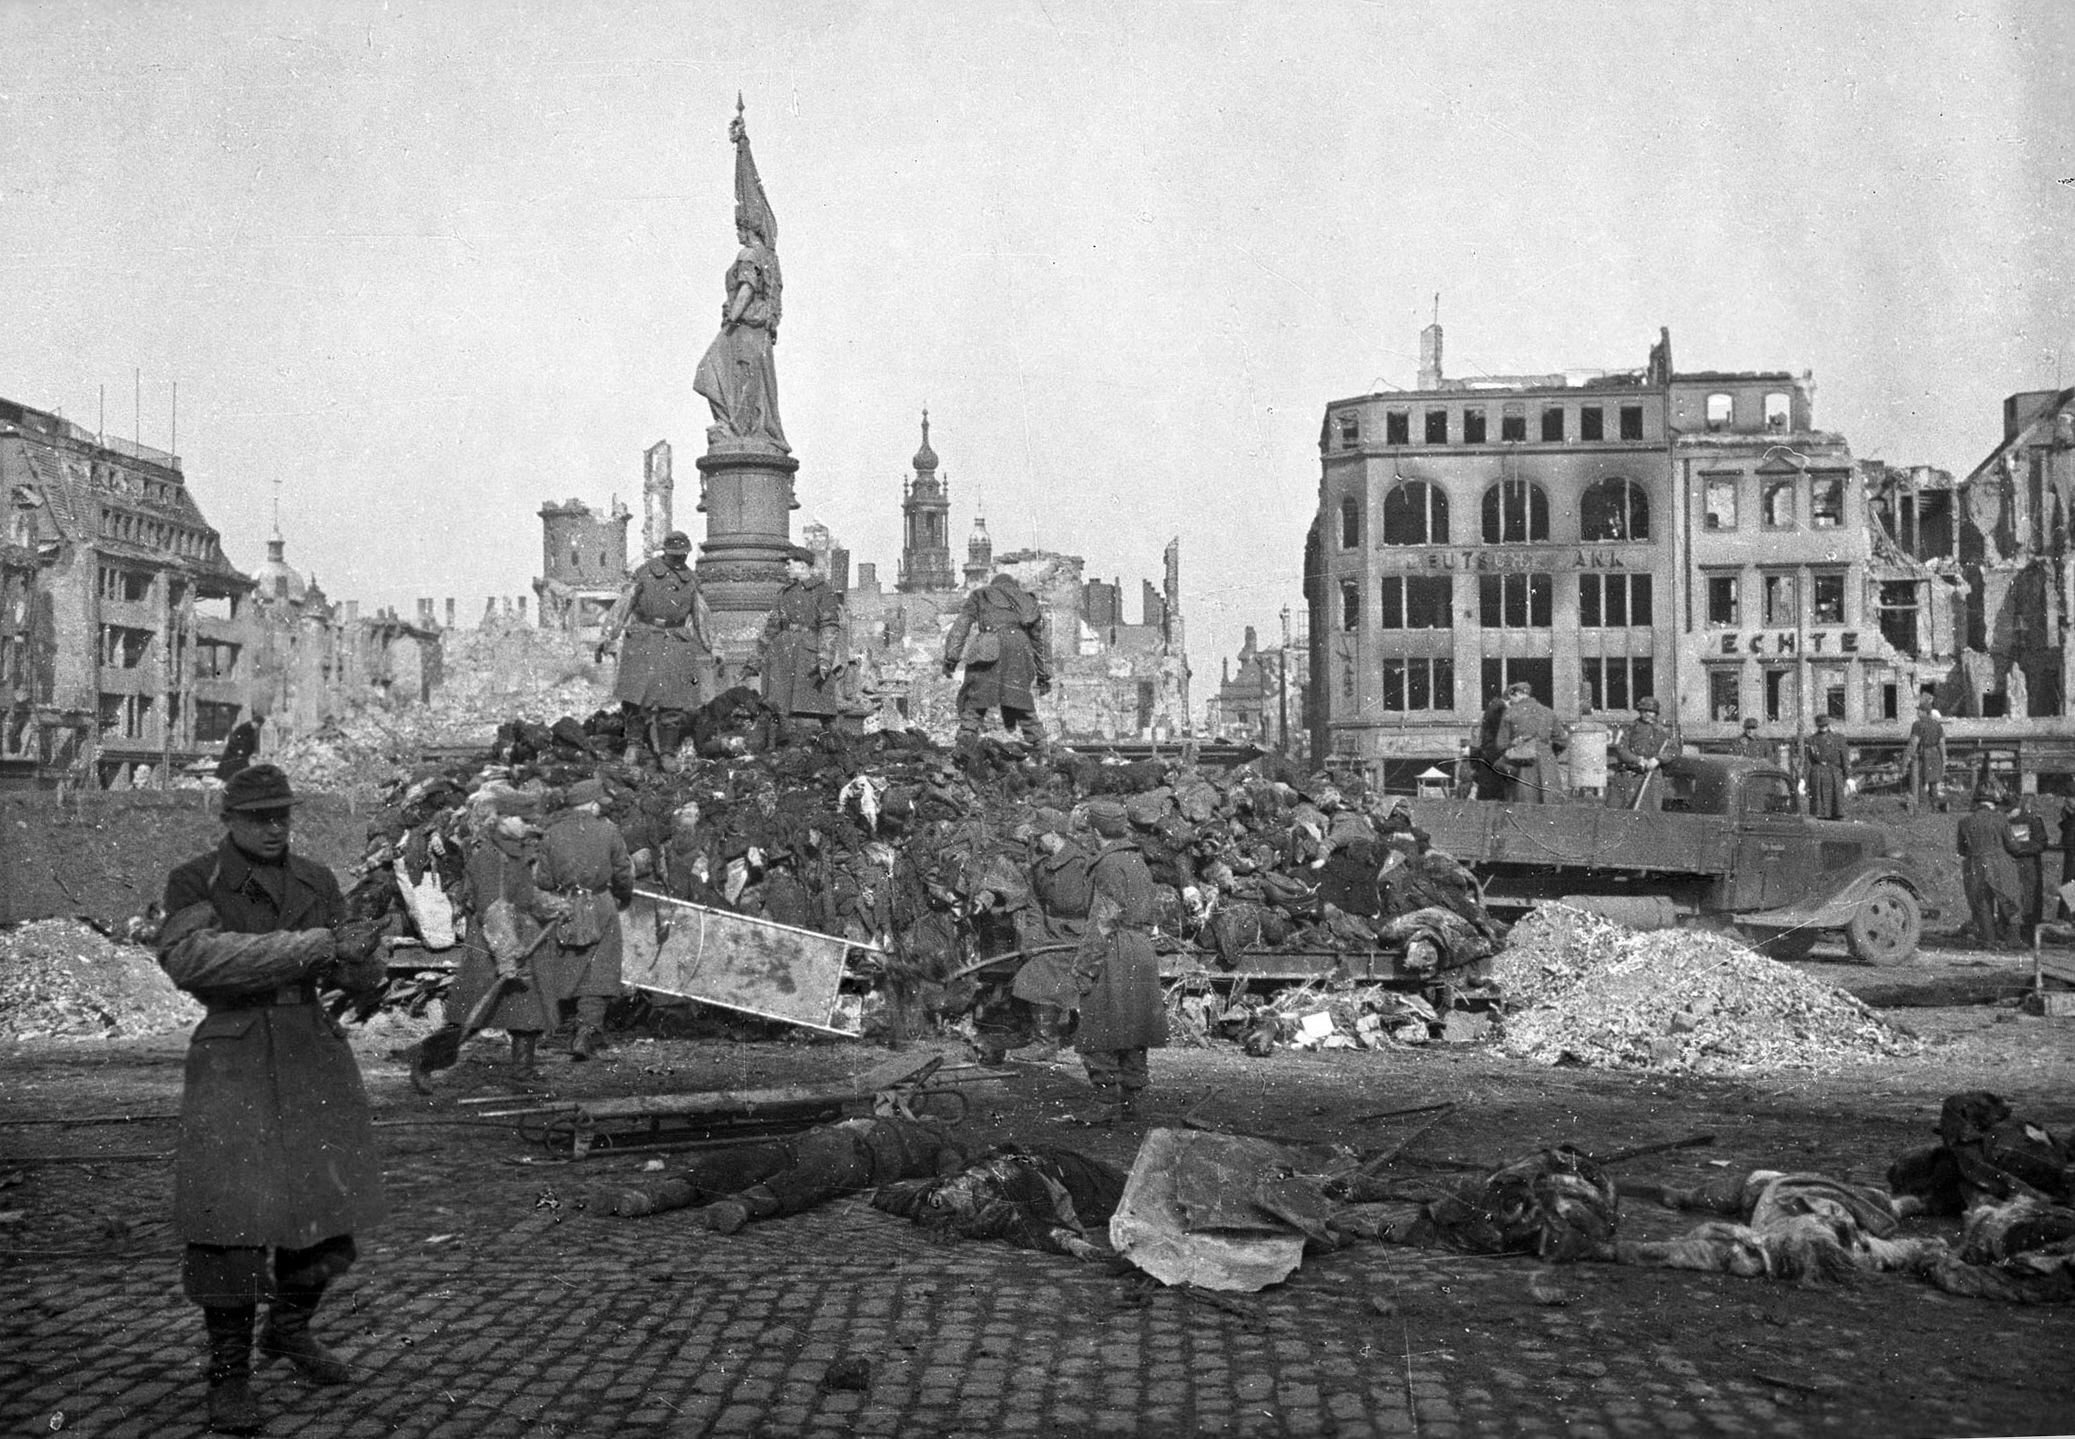 Колькі людзей загінула падчас Другой усясьветнай вайны, паводле большасьці гісторыкаў?